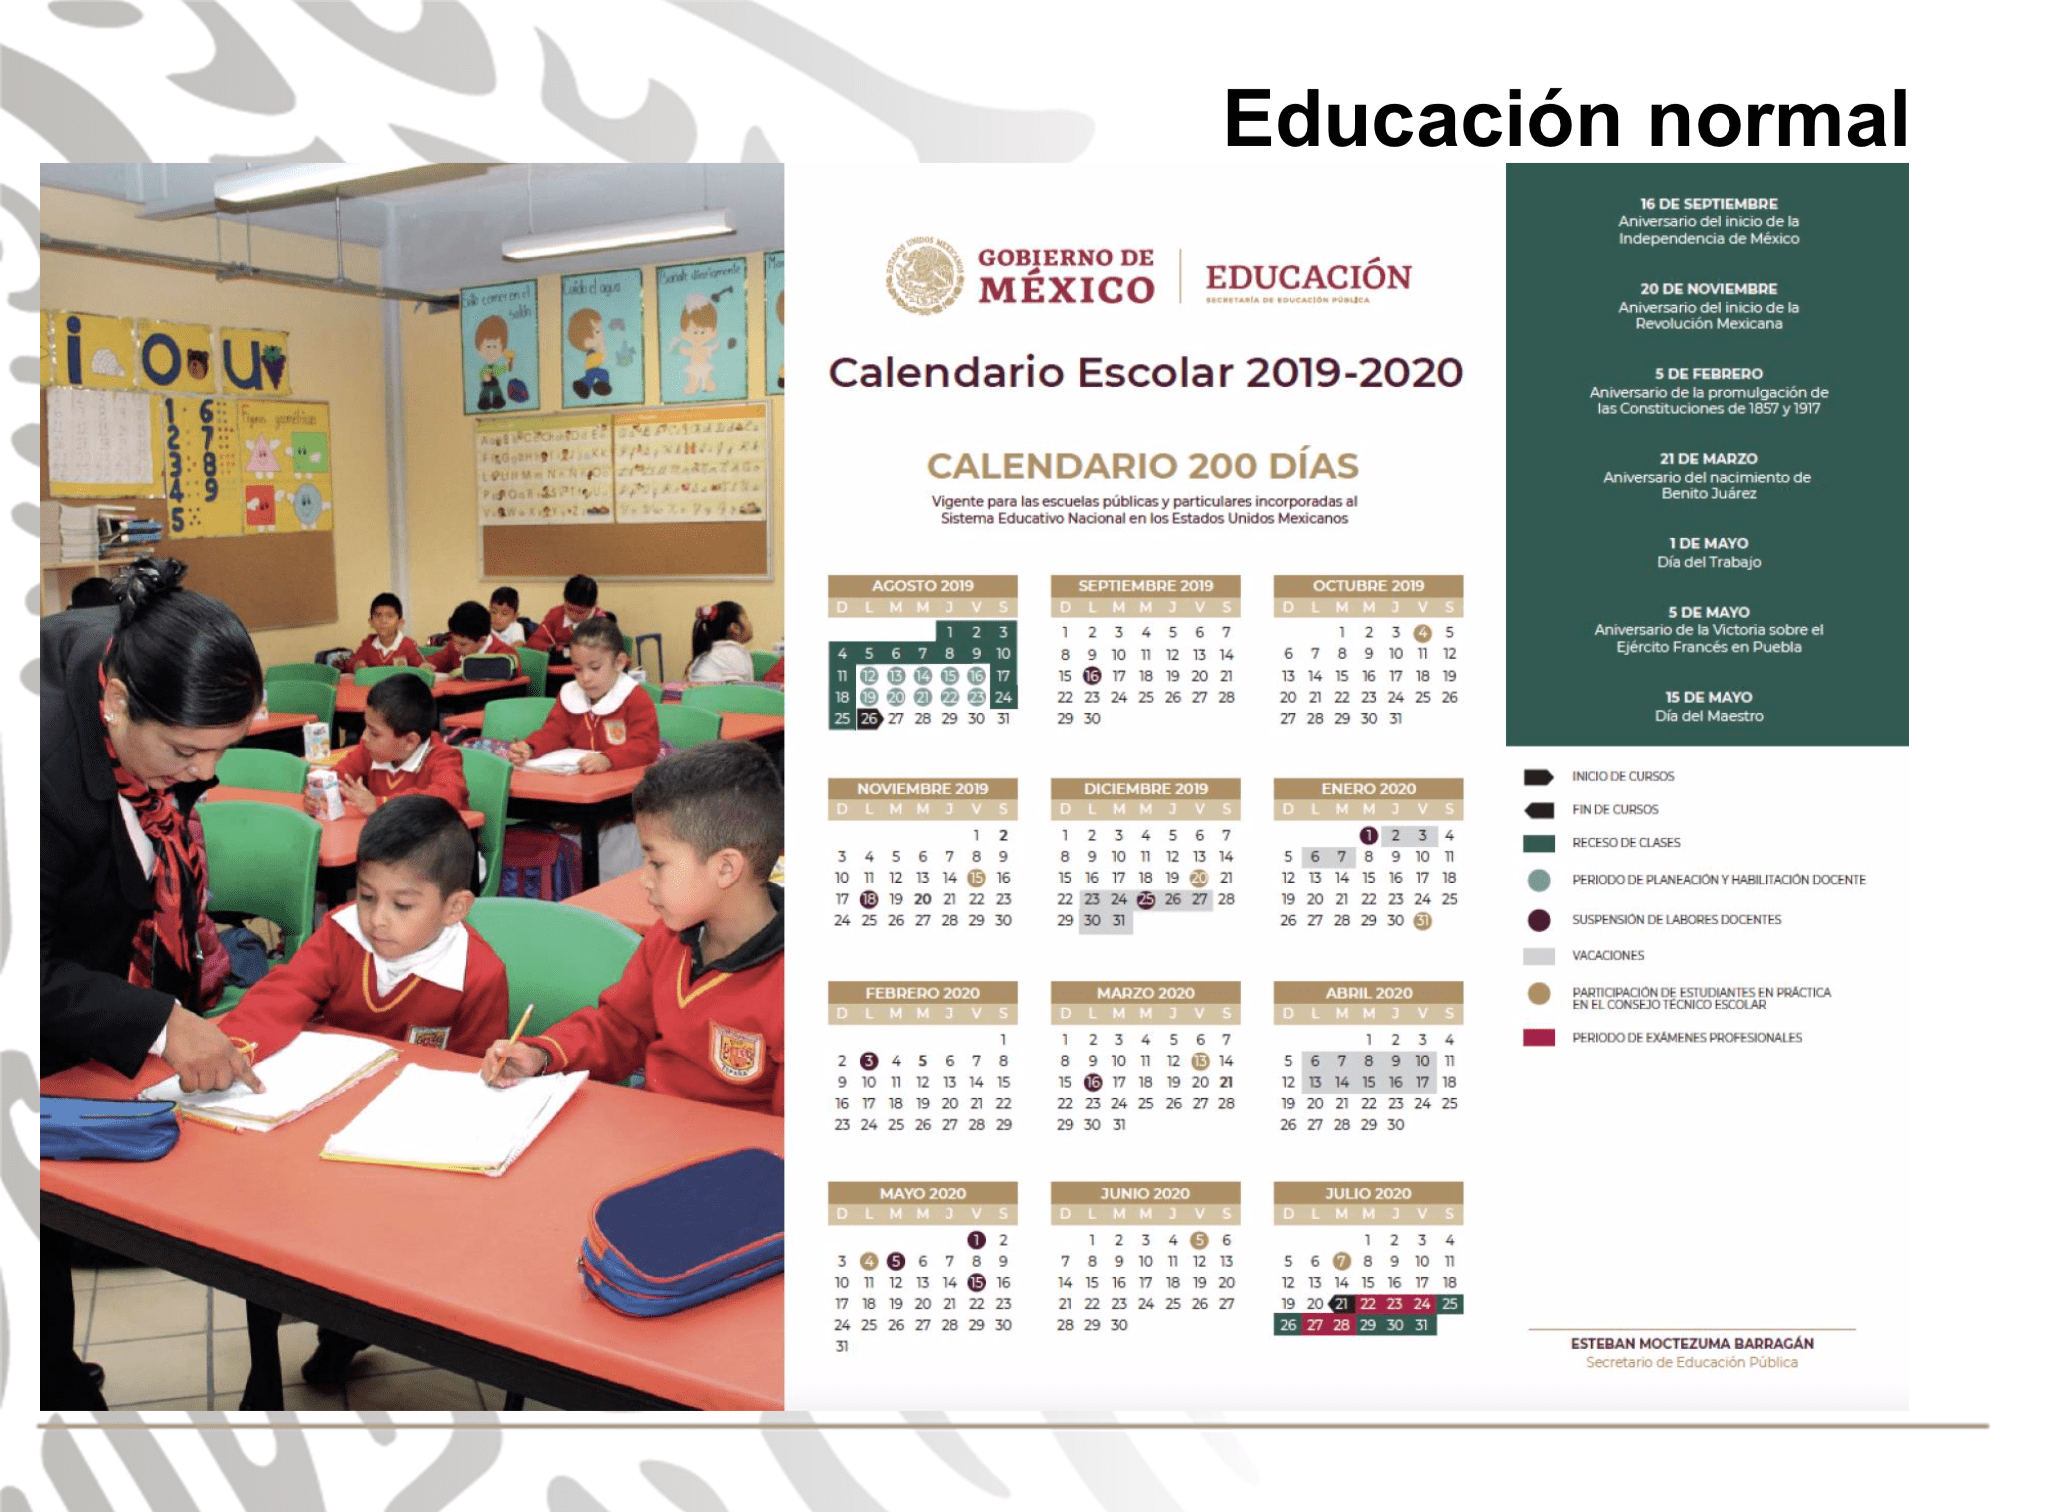 Calendario Escolar 2020 Sep Oficial.Sep Presenta Calendario Escolar 2019 2020 Centro Noticias